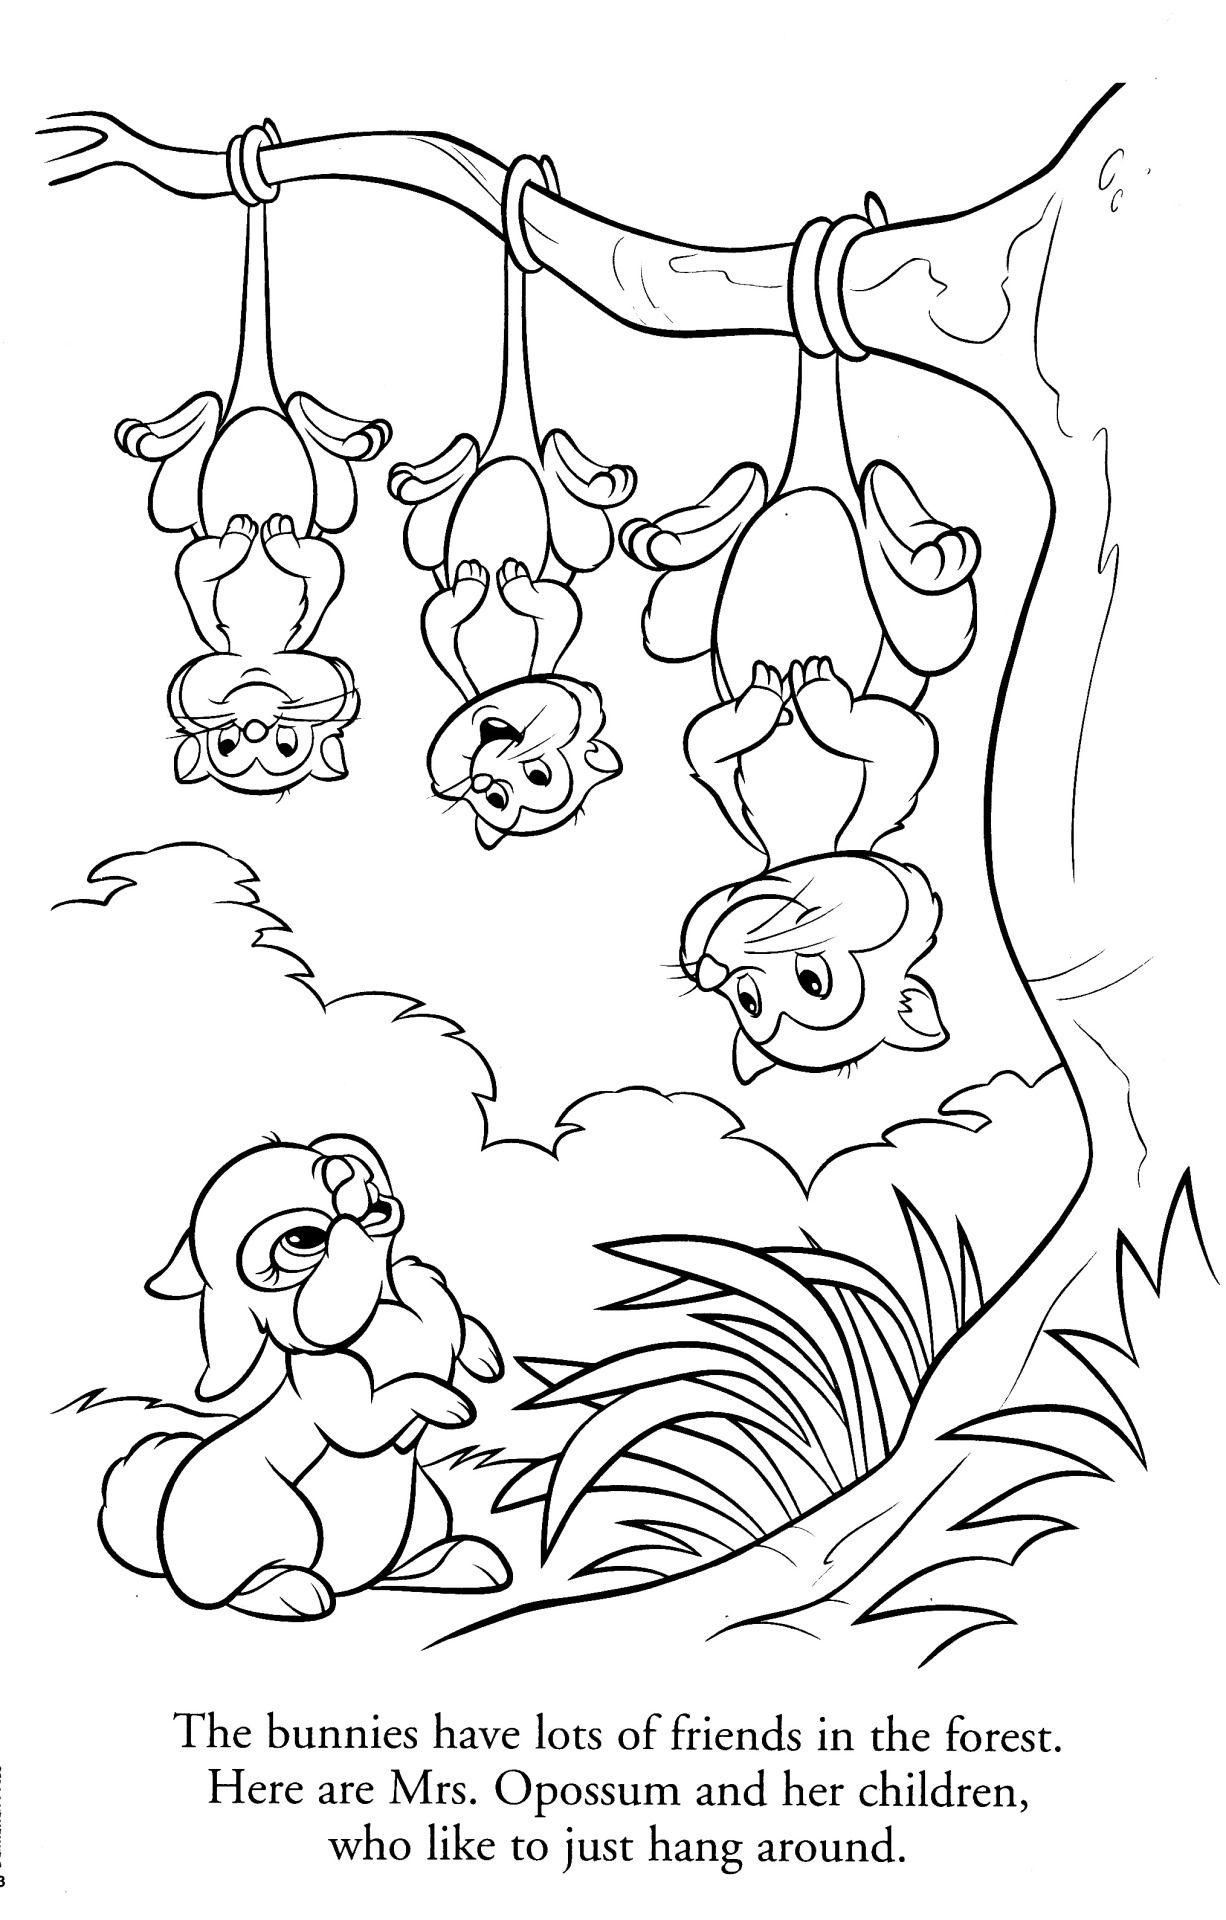 Disney Coloring Pages Disney Coloring Pages Pinterest Disney